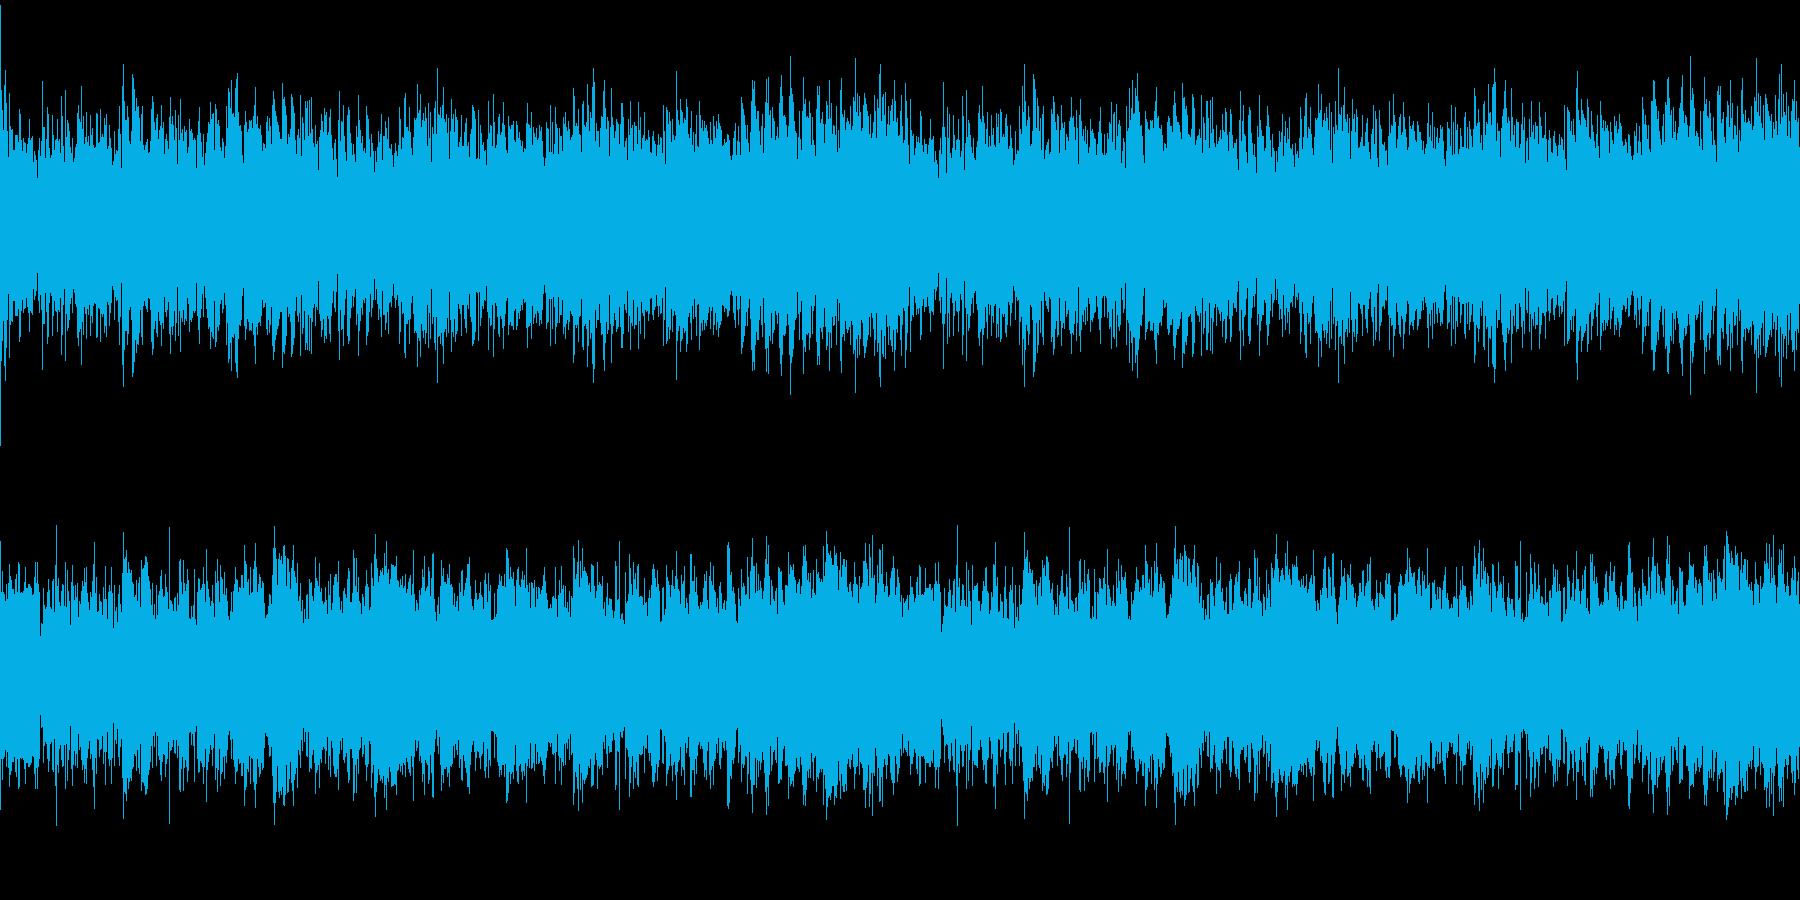 戦闘 緊迫 カッコイイ ループ用の再生済みの波形